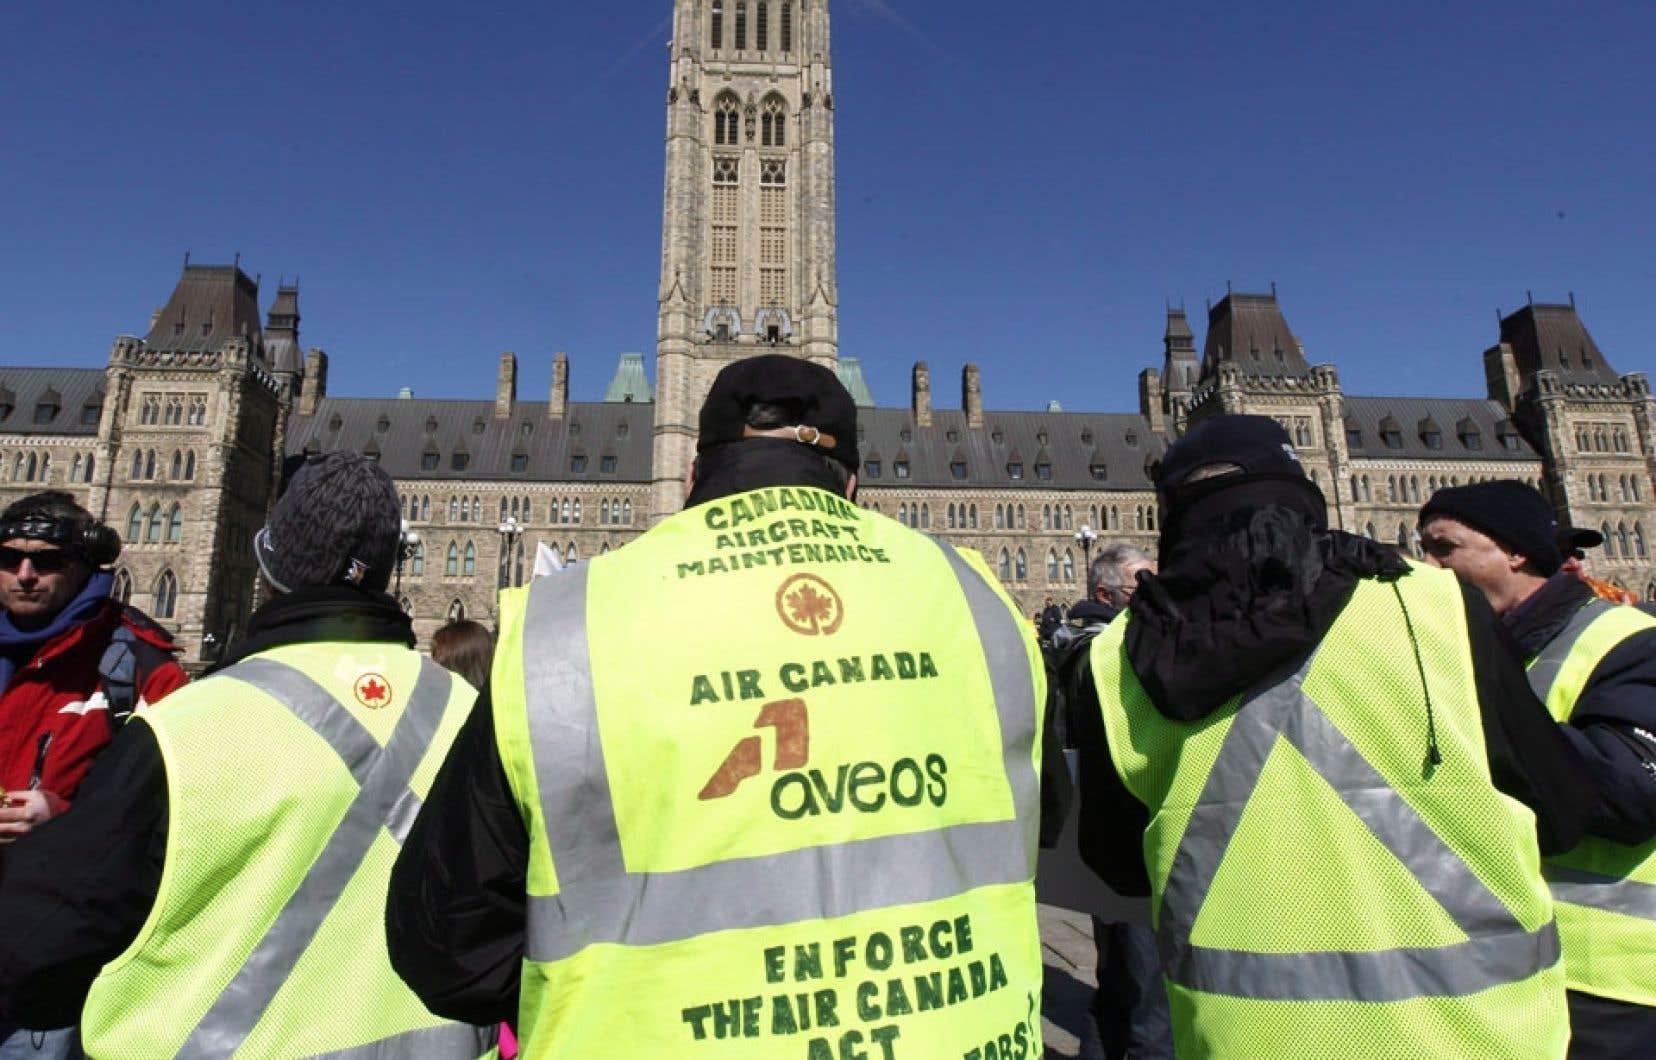 Les chômeurs d'Aveos font partie de ceux pour lesquels des demandes d'appel ont été déposées devant le Tribunal de la sécurité sociale.